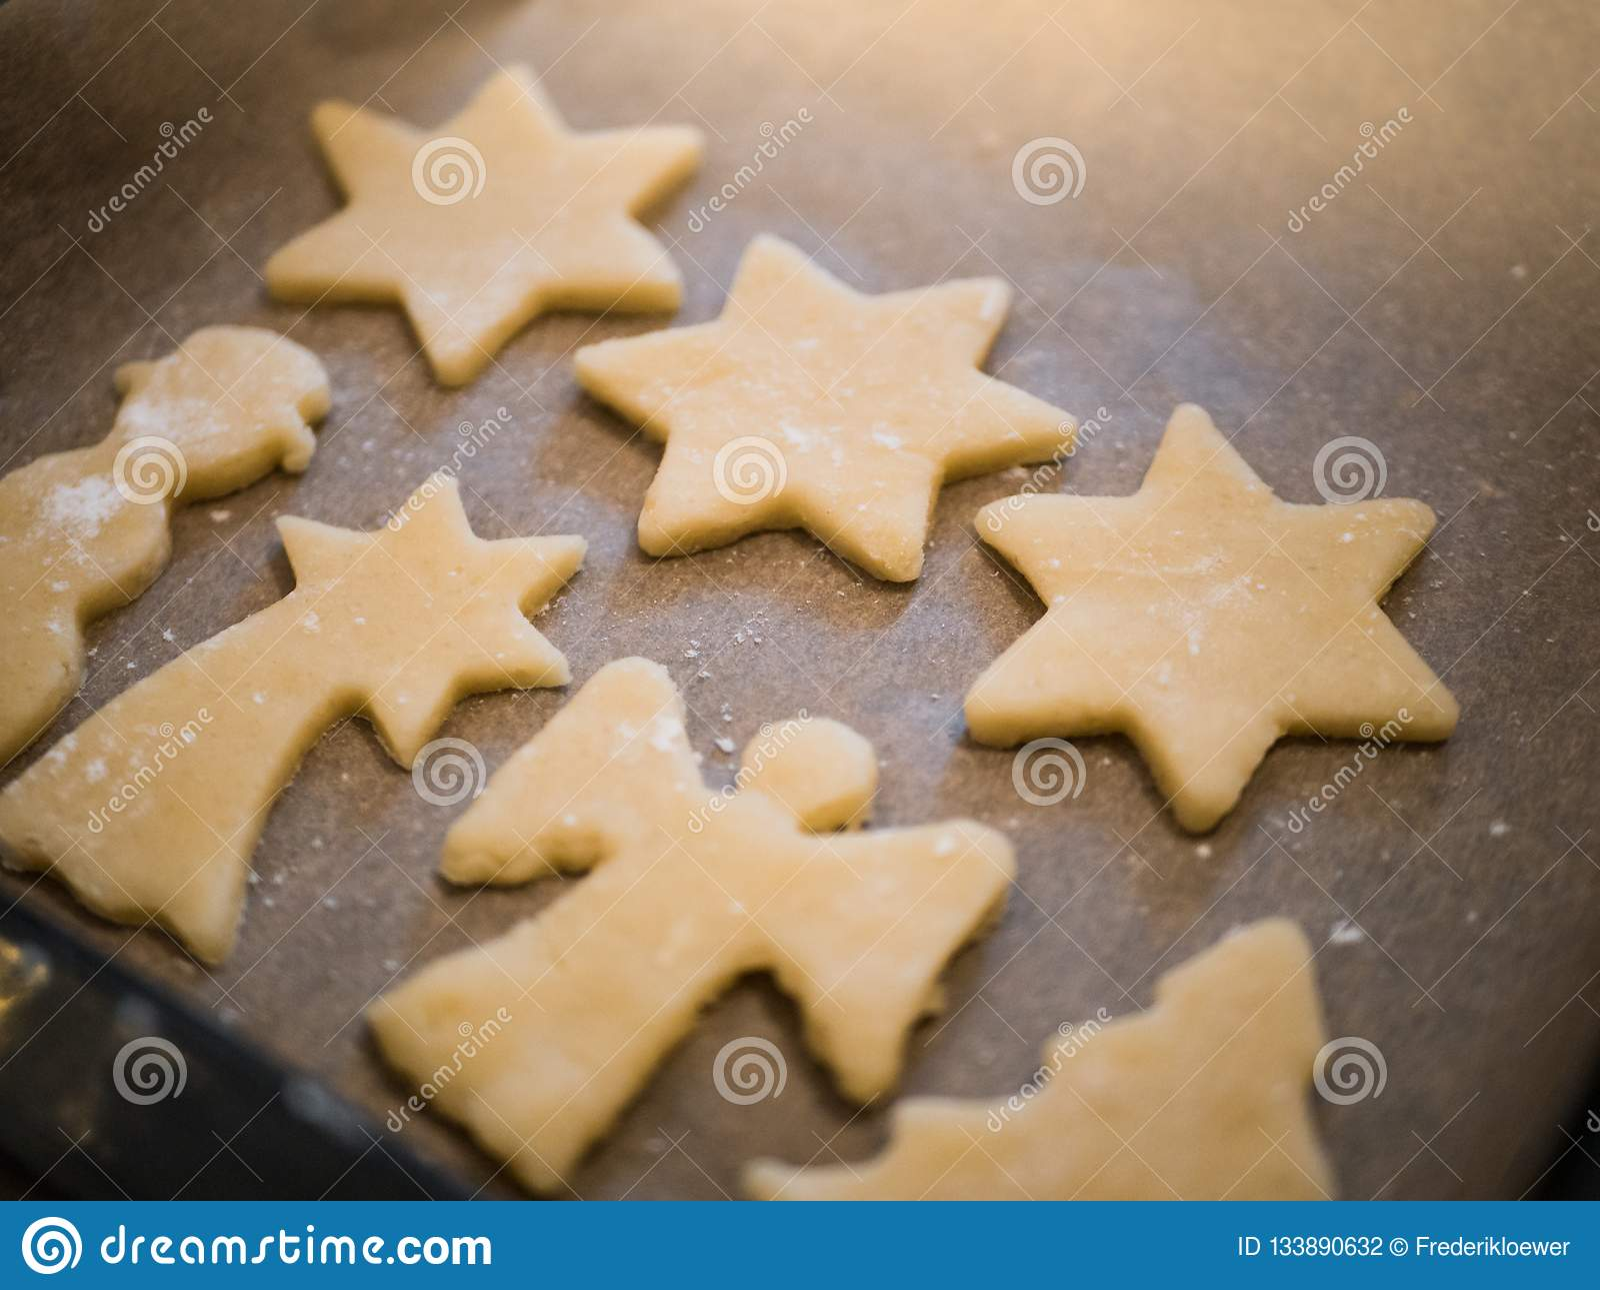 Boulangerie de Noël : plan rapproché des biscuits faits maison